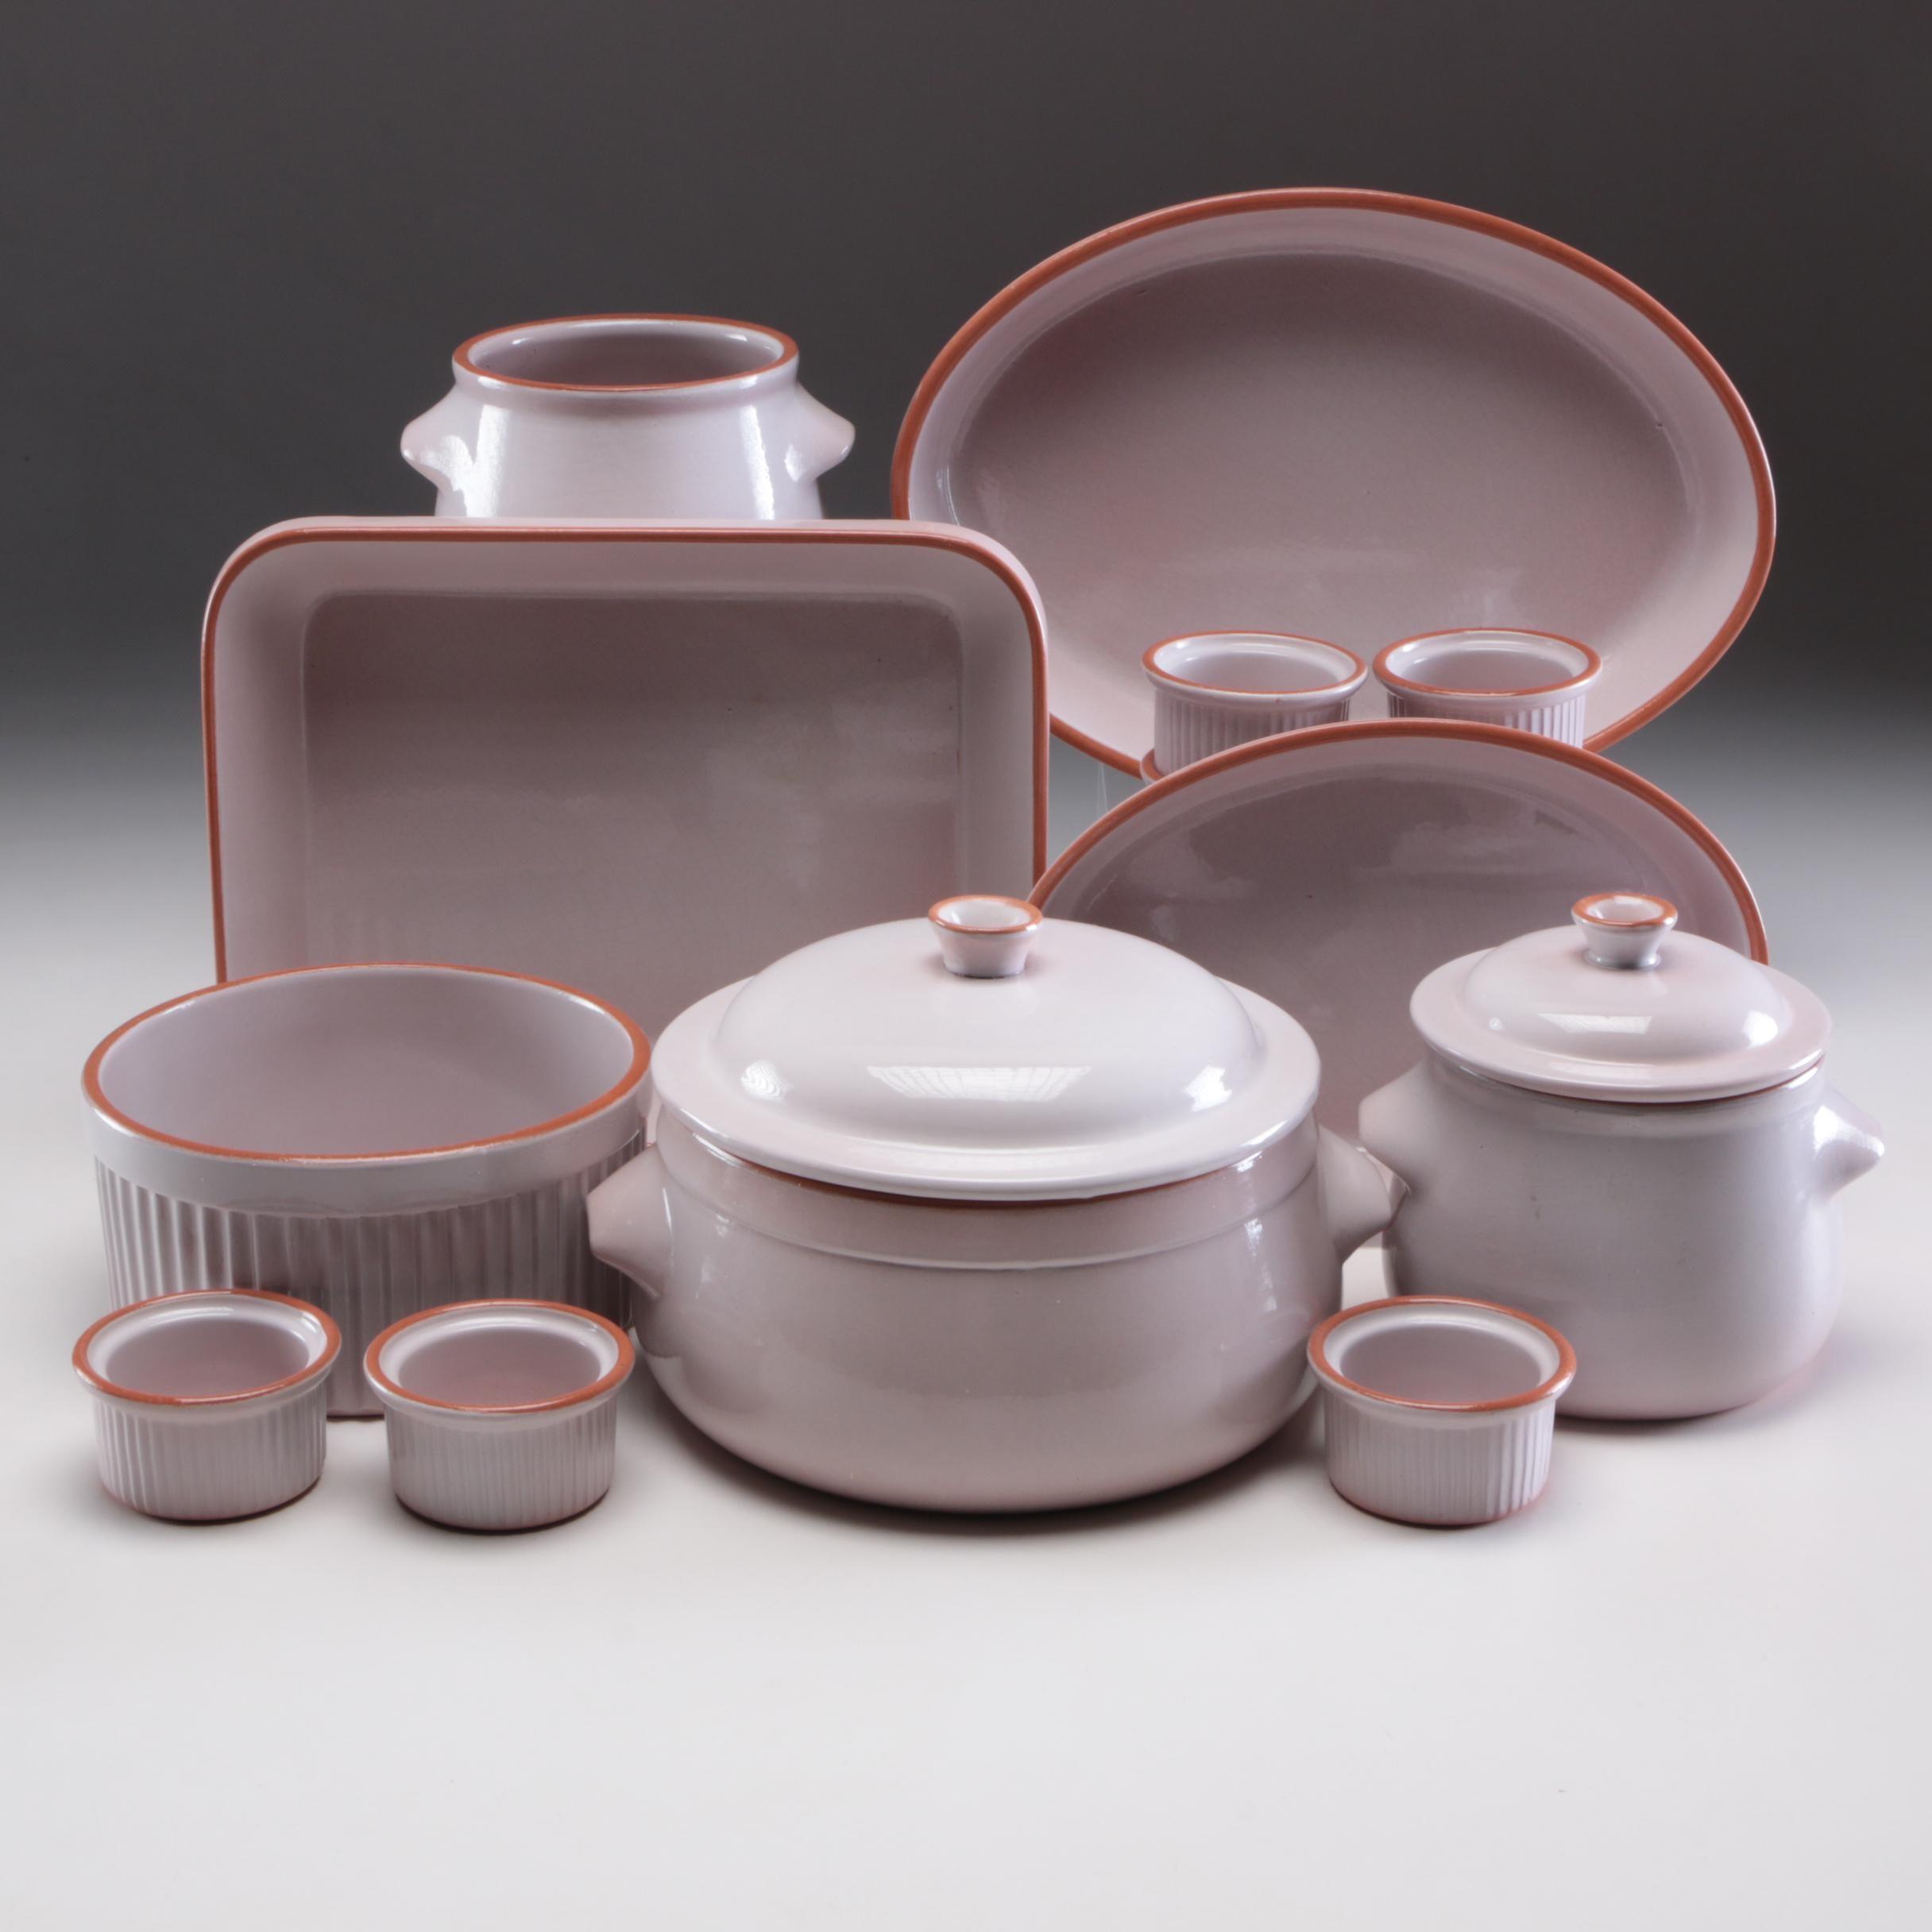 Emile Henry French Stoneware Baking Dishes